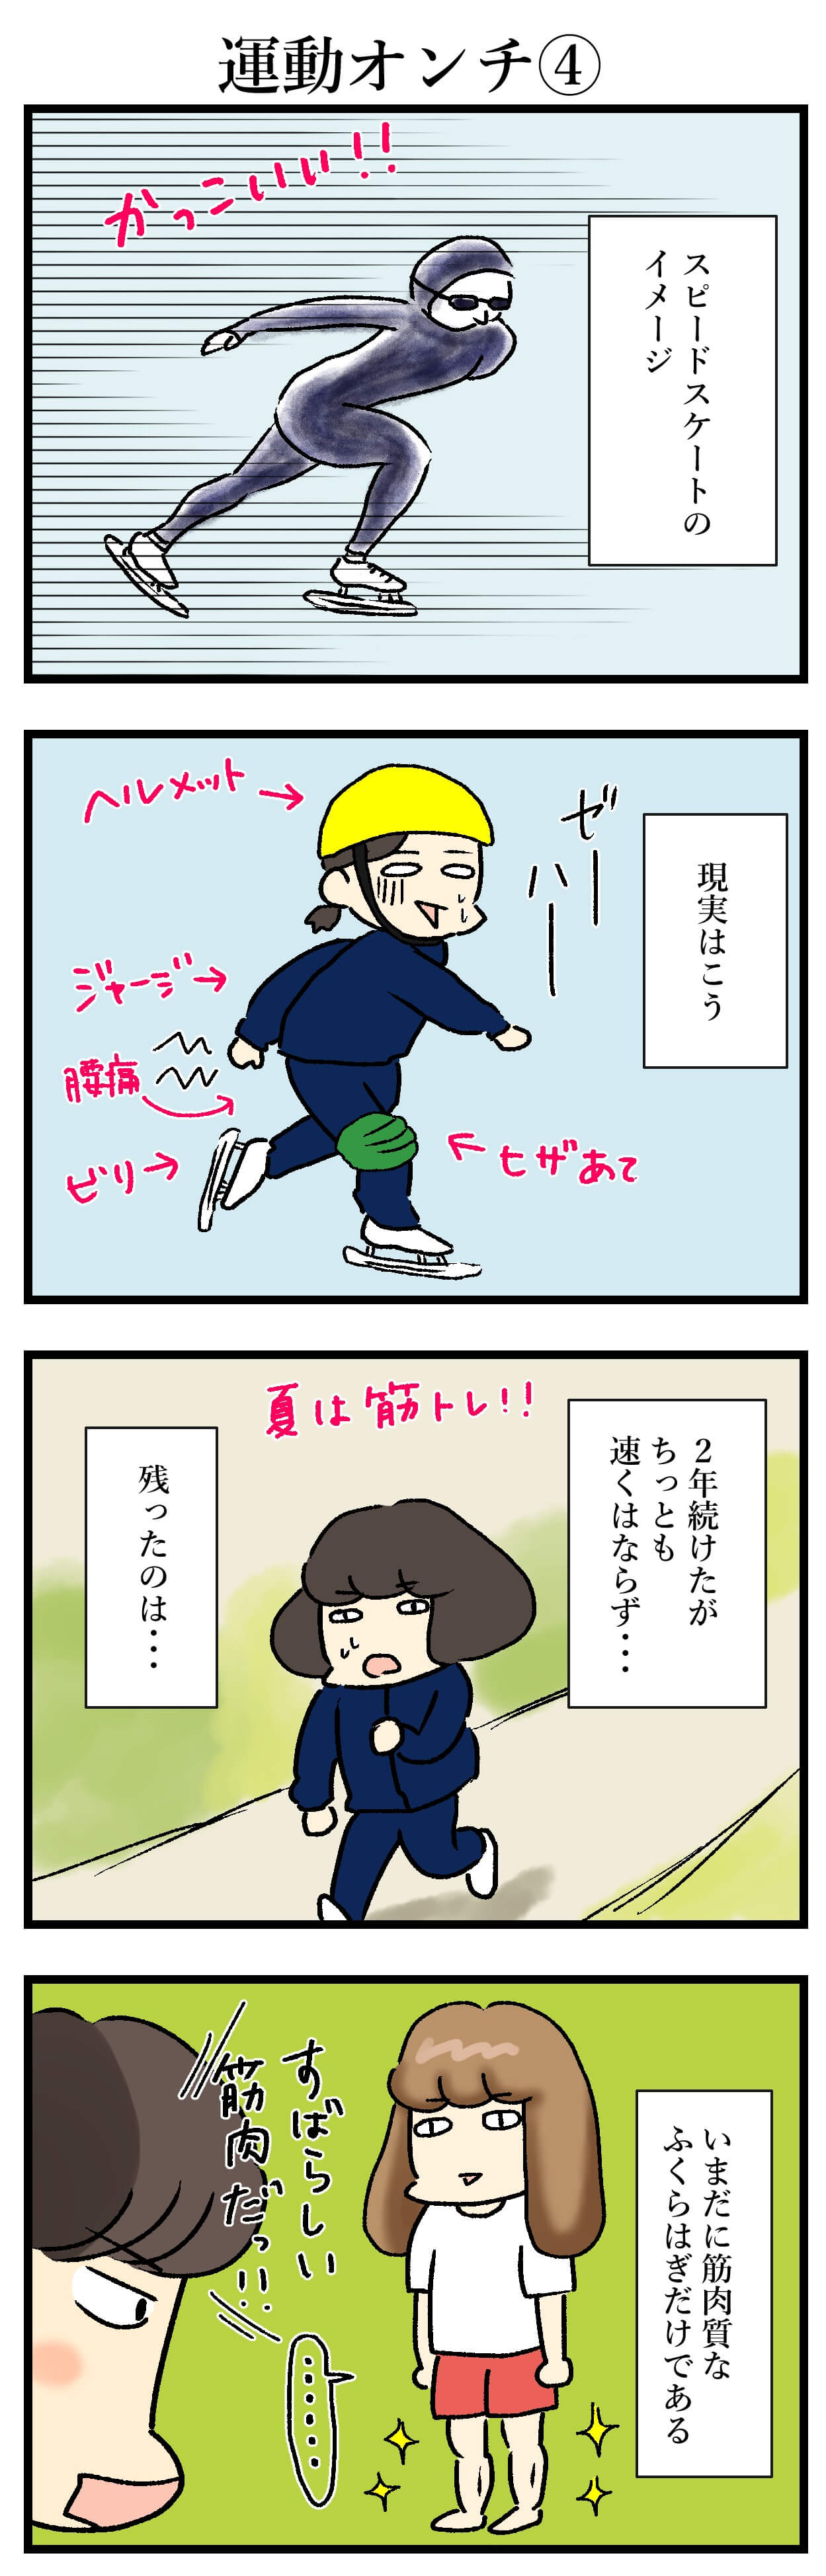 【エッセイ漫画】アラサー主婦くま子のふがいない日常(88)